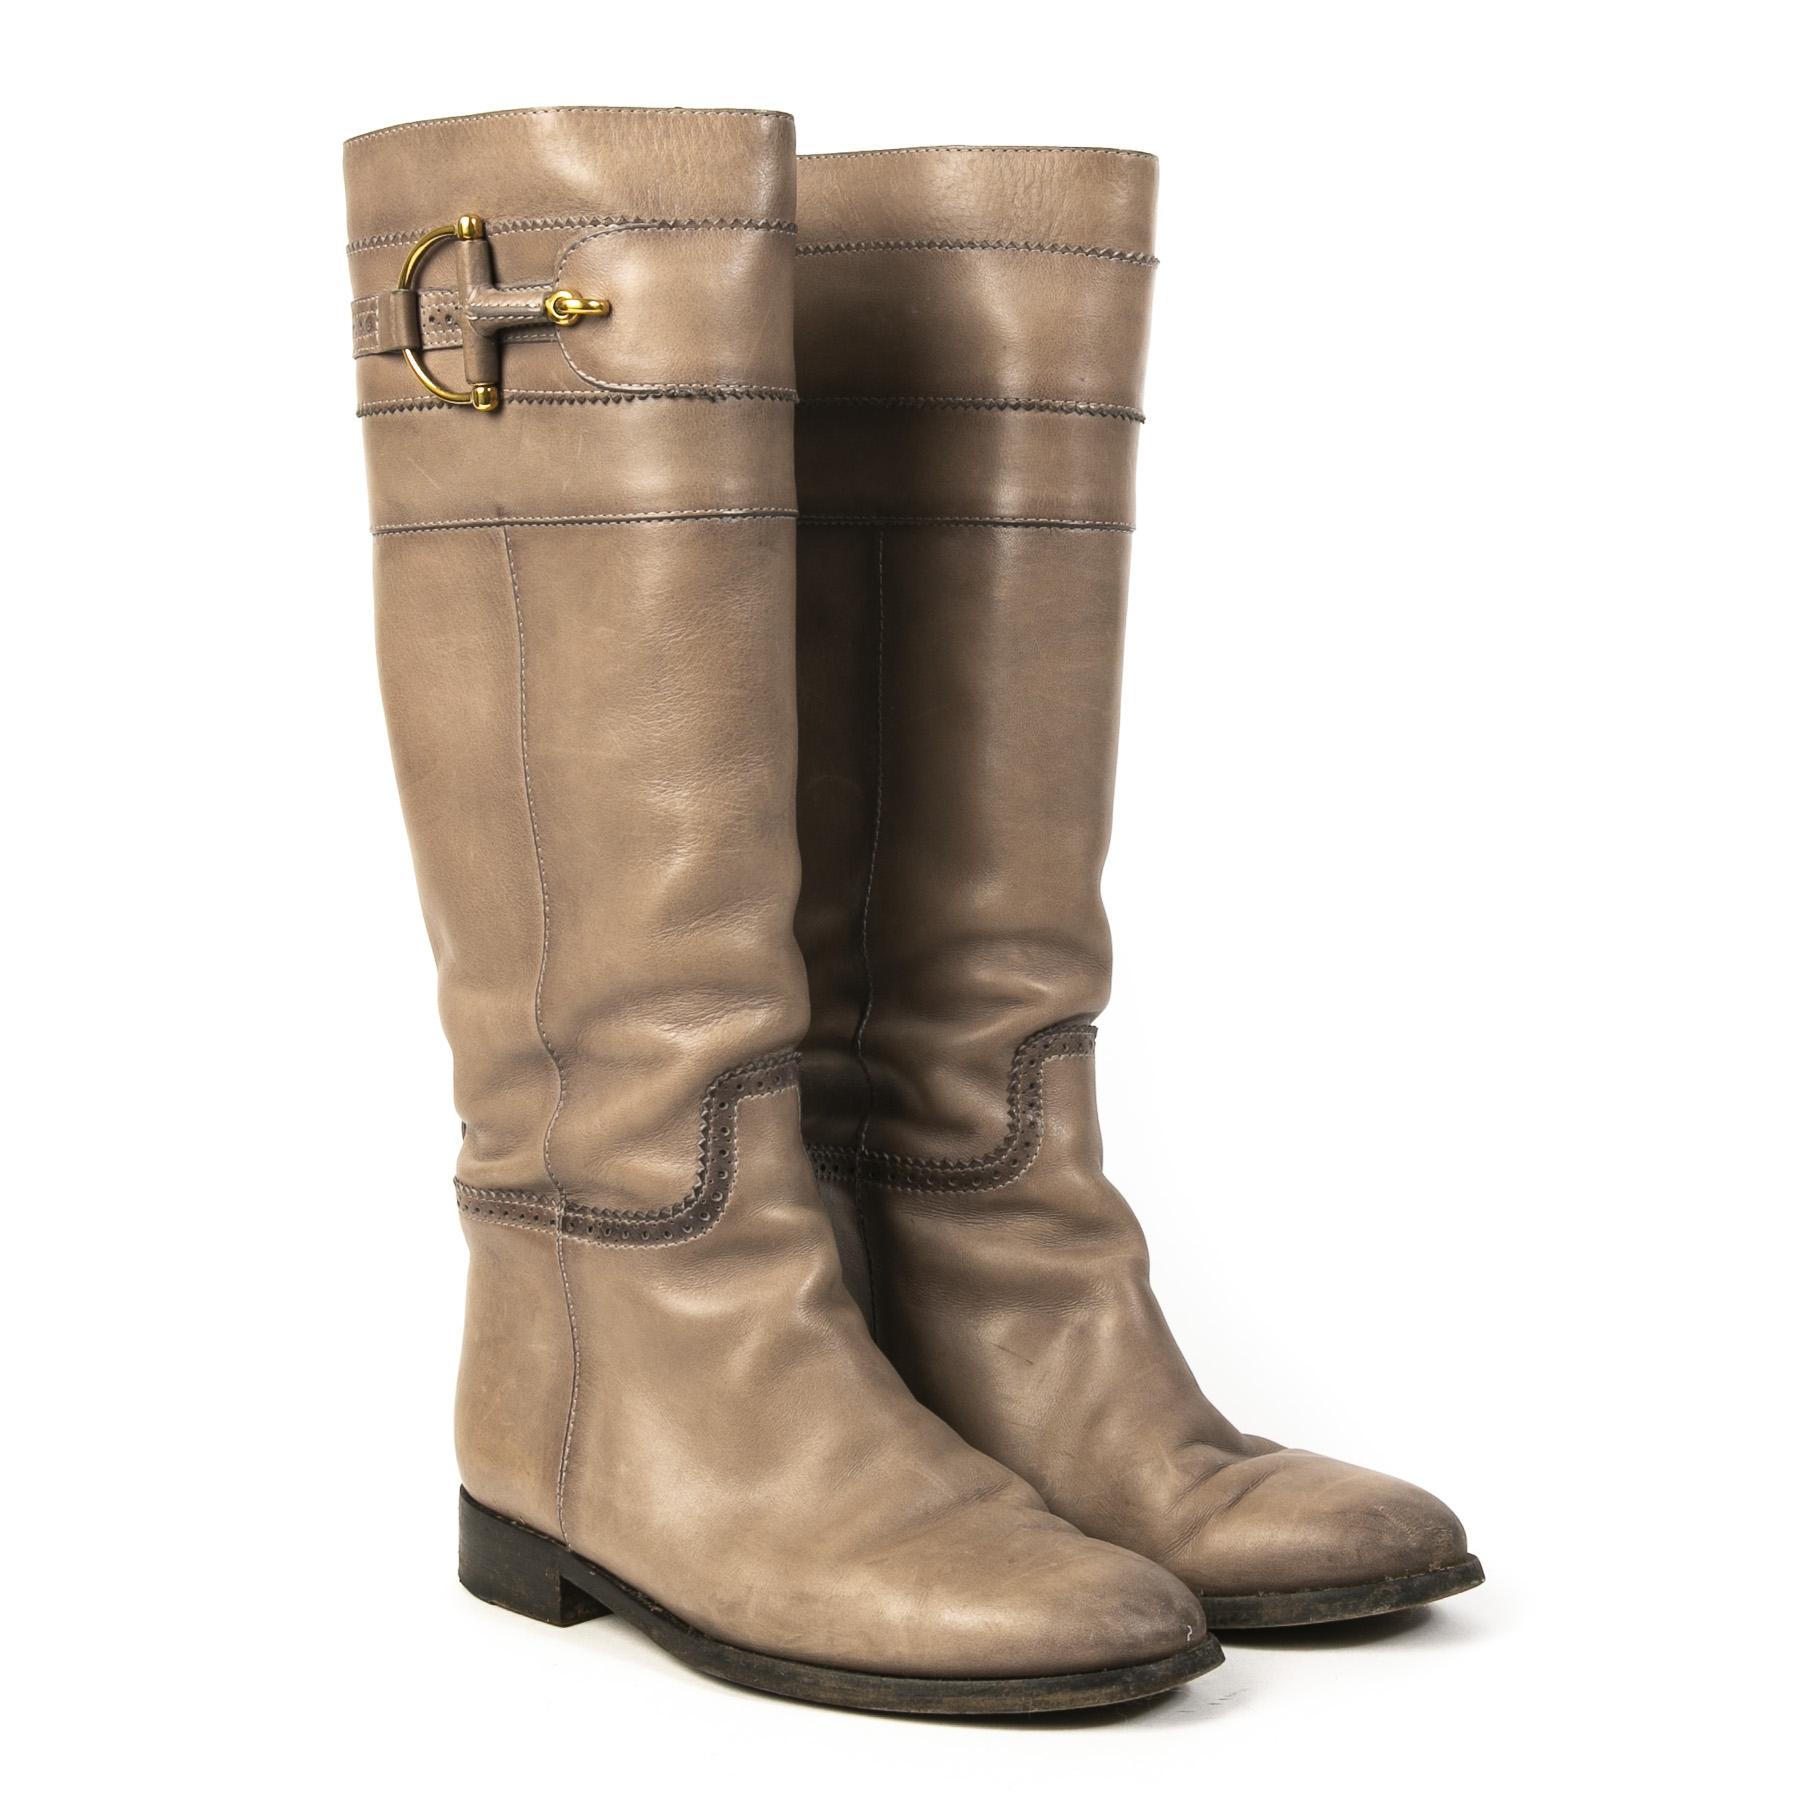 Authentieke Tweedehands Gucci Taupe Horsebit Leather Boots juiste prijs veilig online shoppen luxe merken webshop winkelen Antwerpen België mode fashion